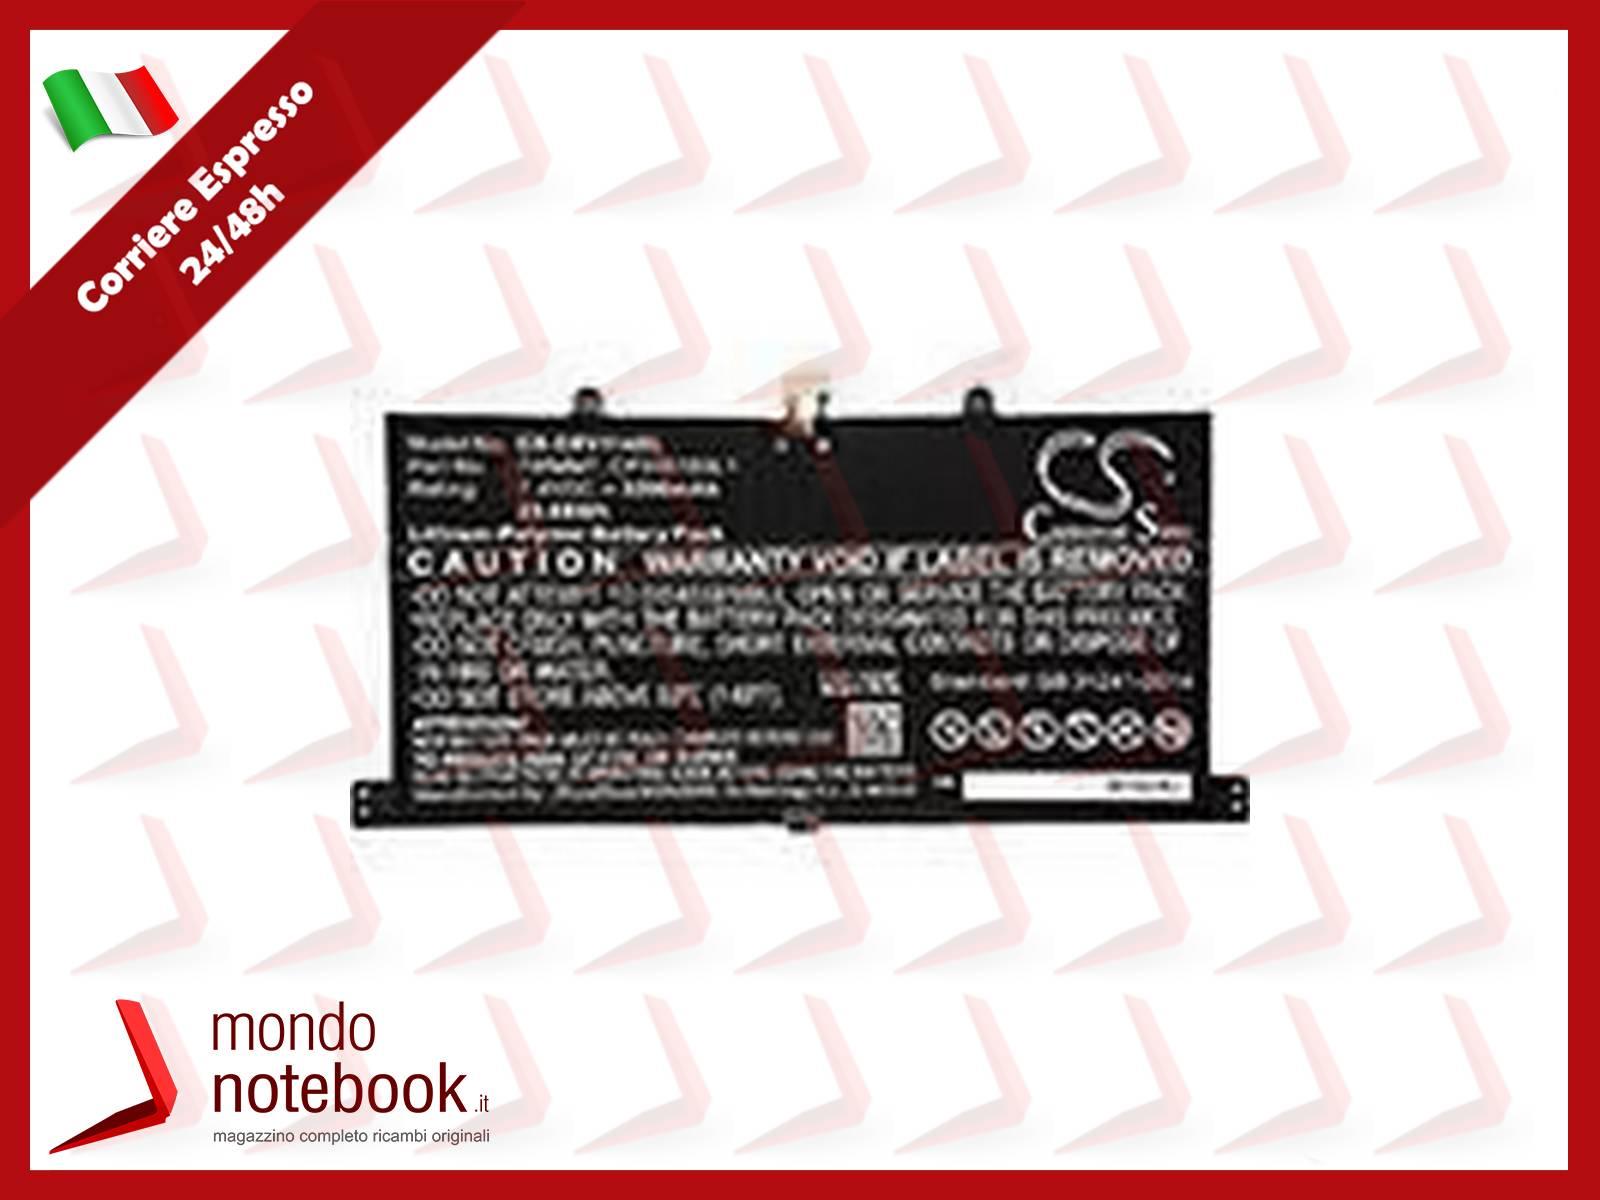 green-cell-pro-batteria-per-dell-latitude-e5520-e6420-e6520-e6530-rear-111v-10200mah